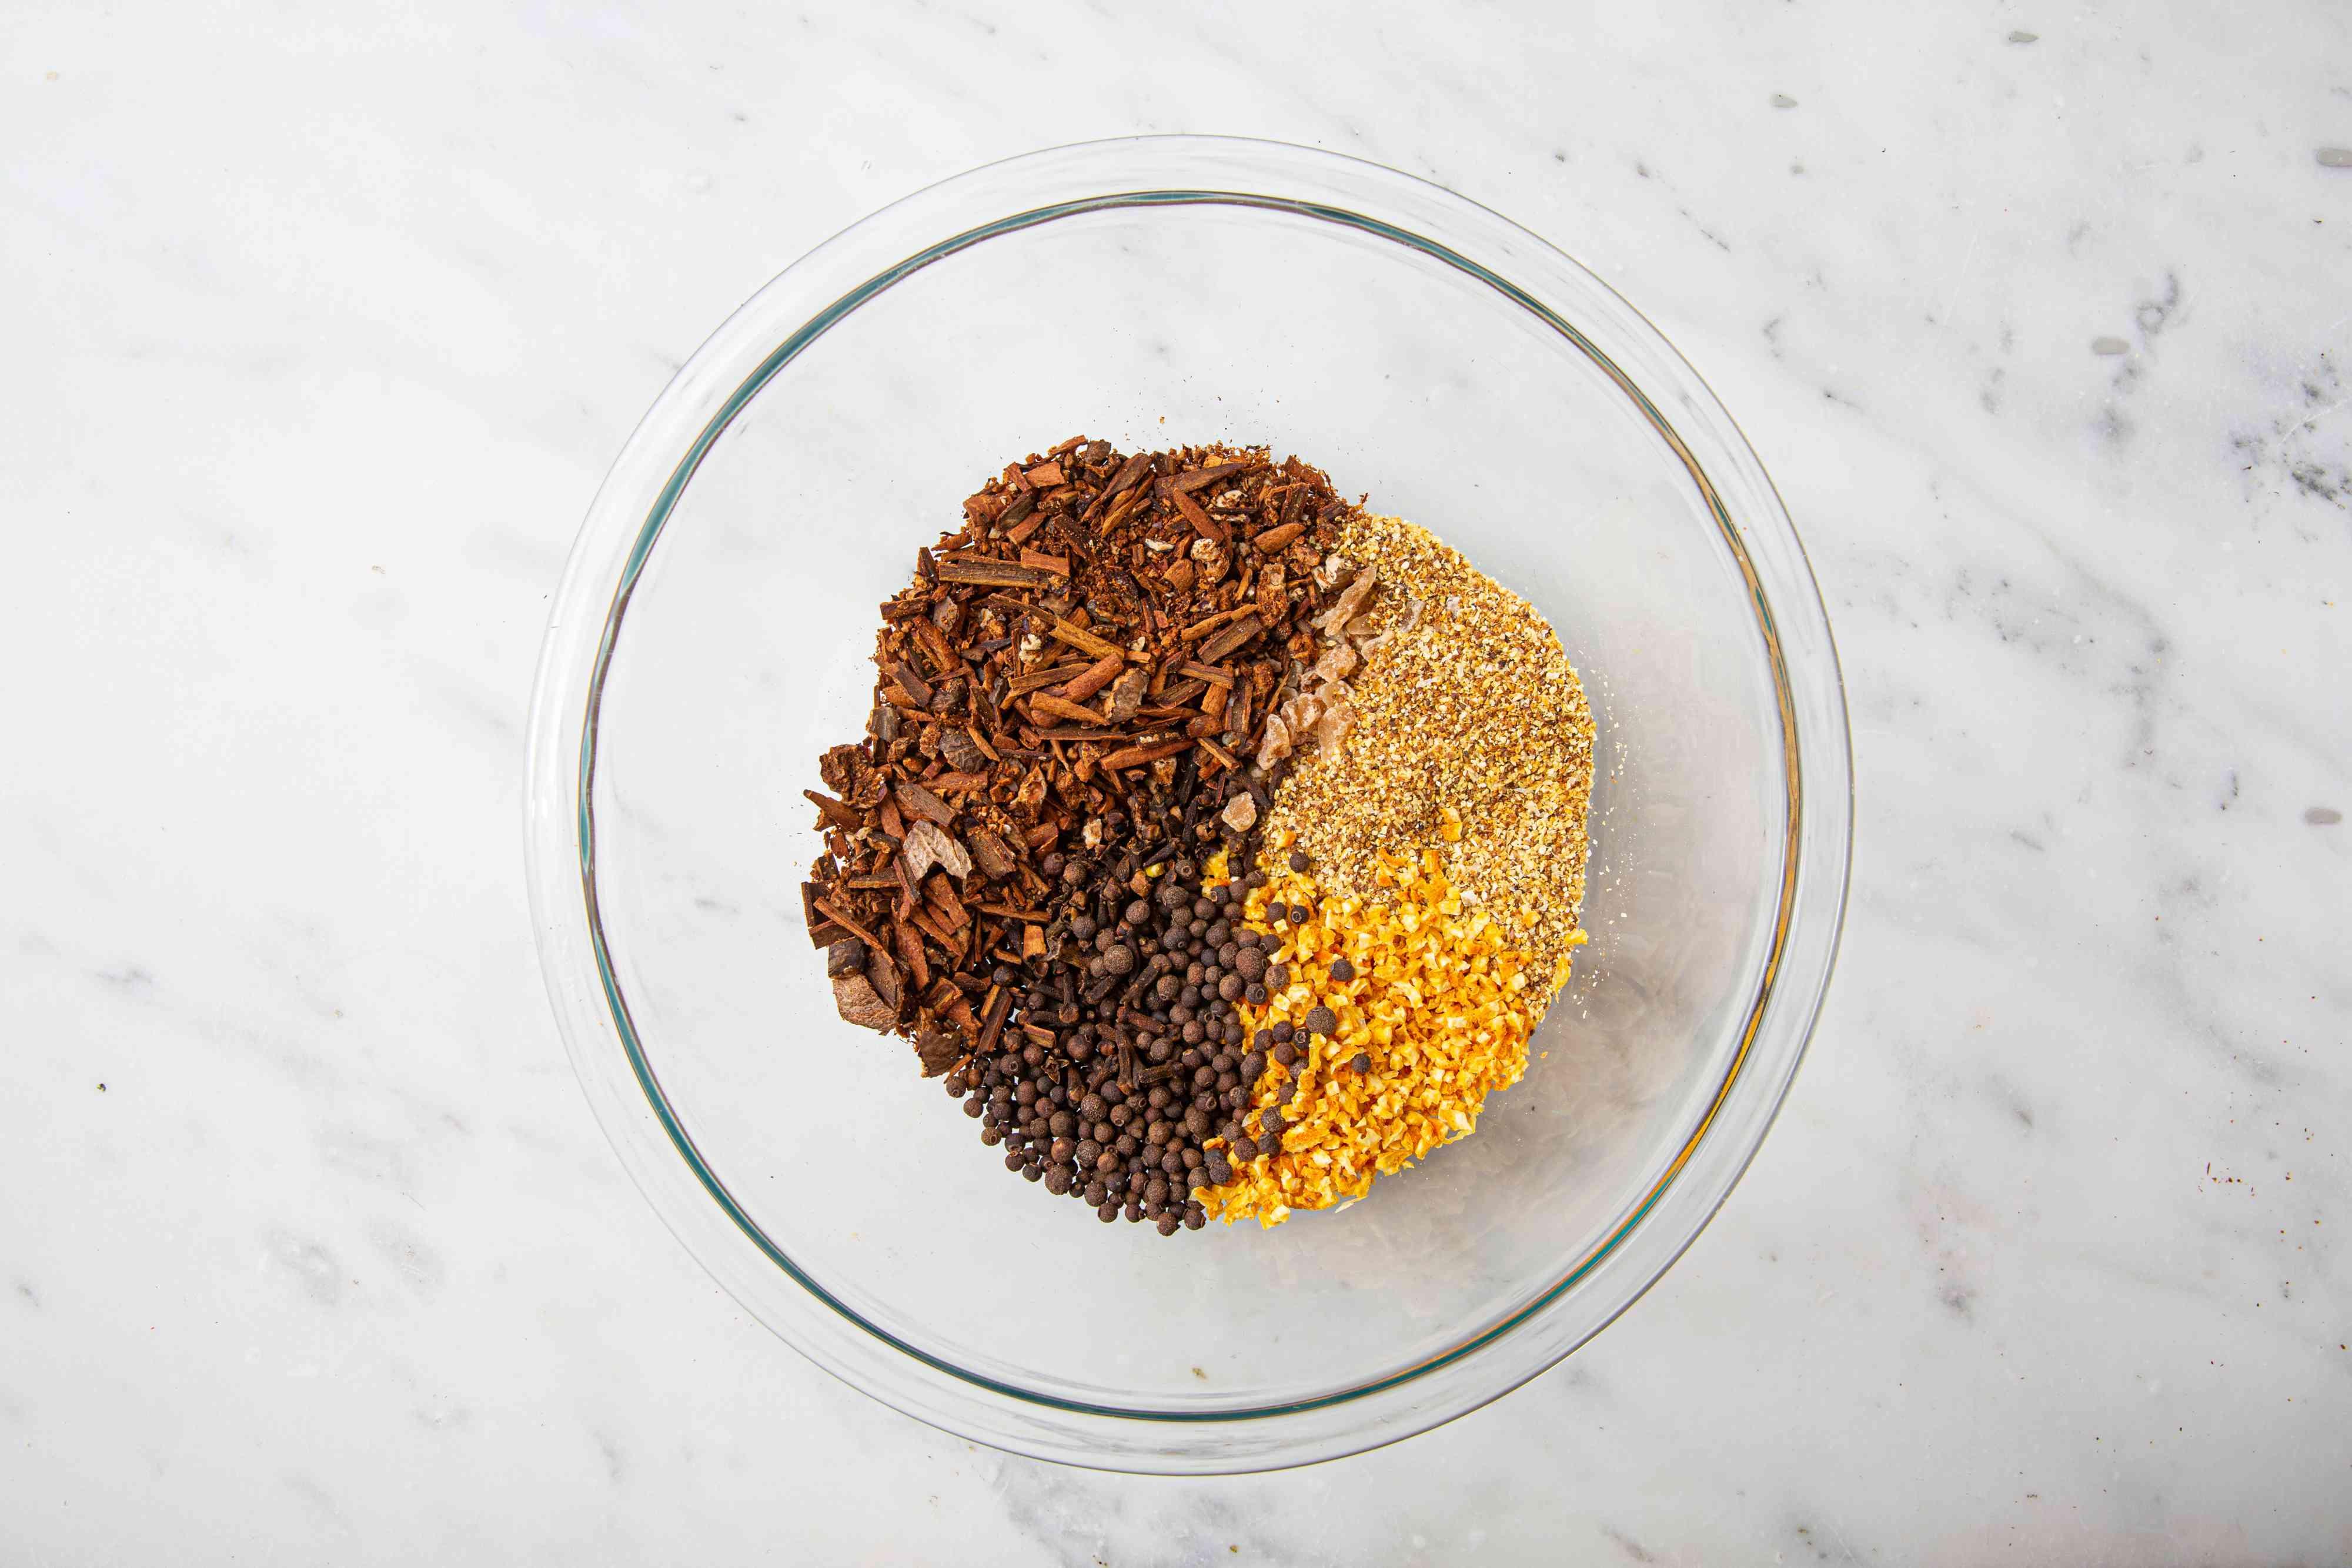 orange peel, lemon peel, allspice, cloves, and crystallized ginger in a bowl